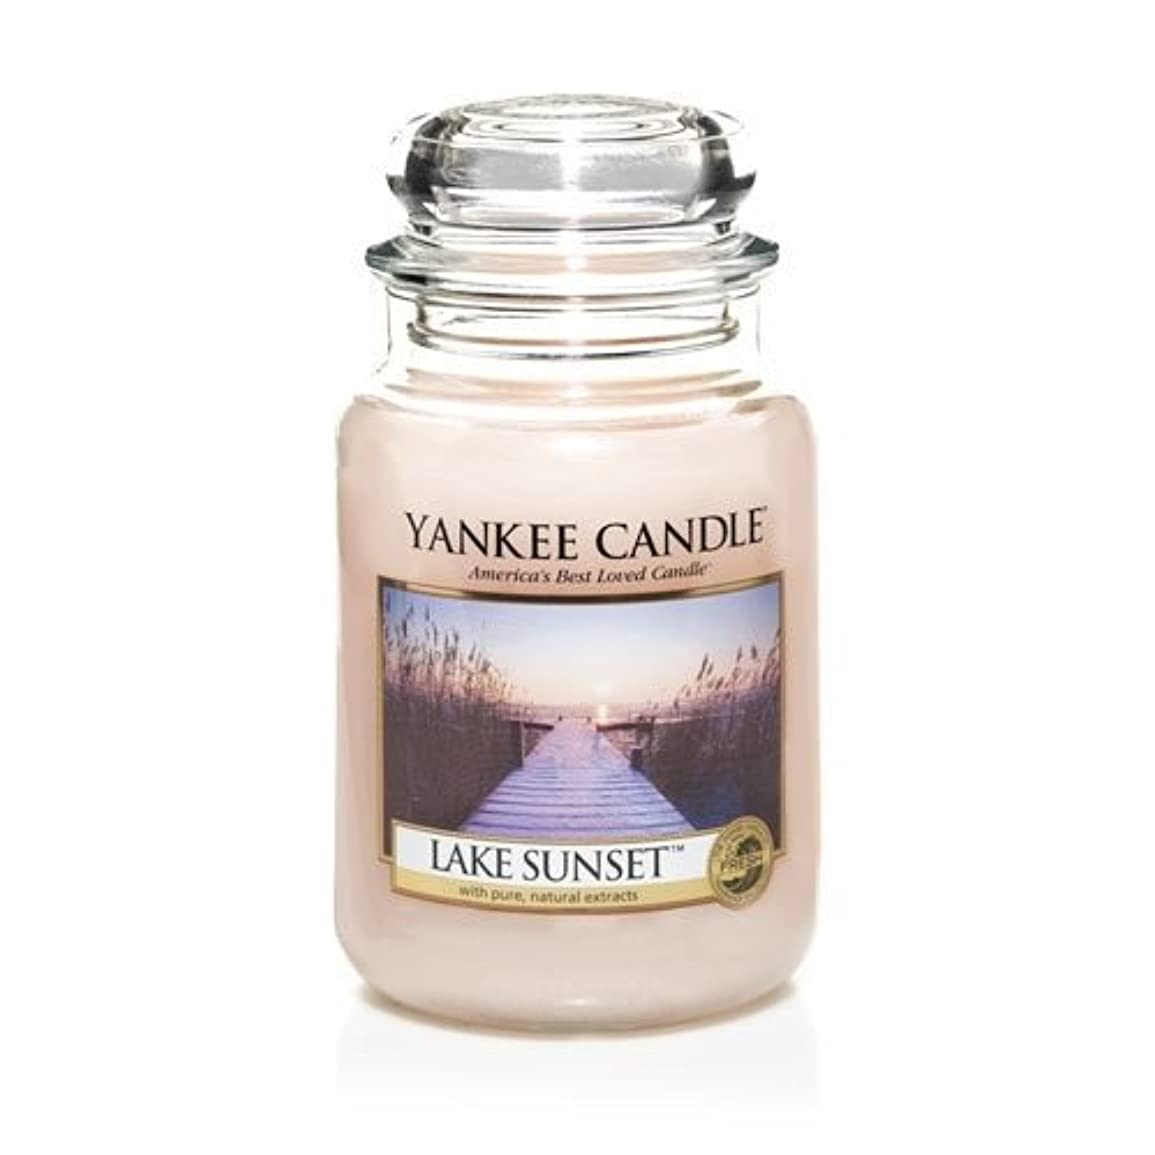 謎ハーブYankee Candle LAKE SUNSET 22 oz Large Jar Candle - New for Fall 2013 by Yankee Candle [並行輸入品]